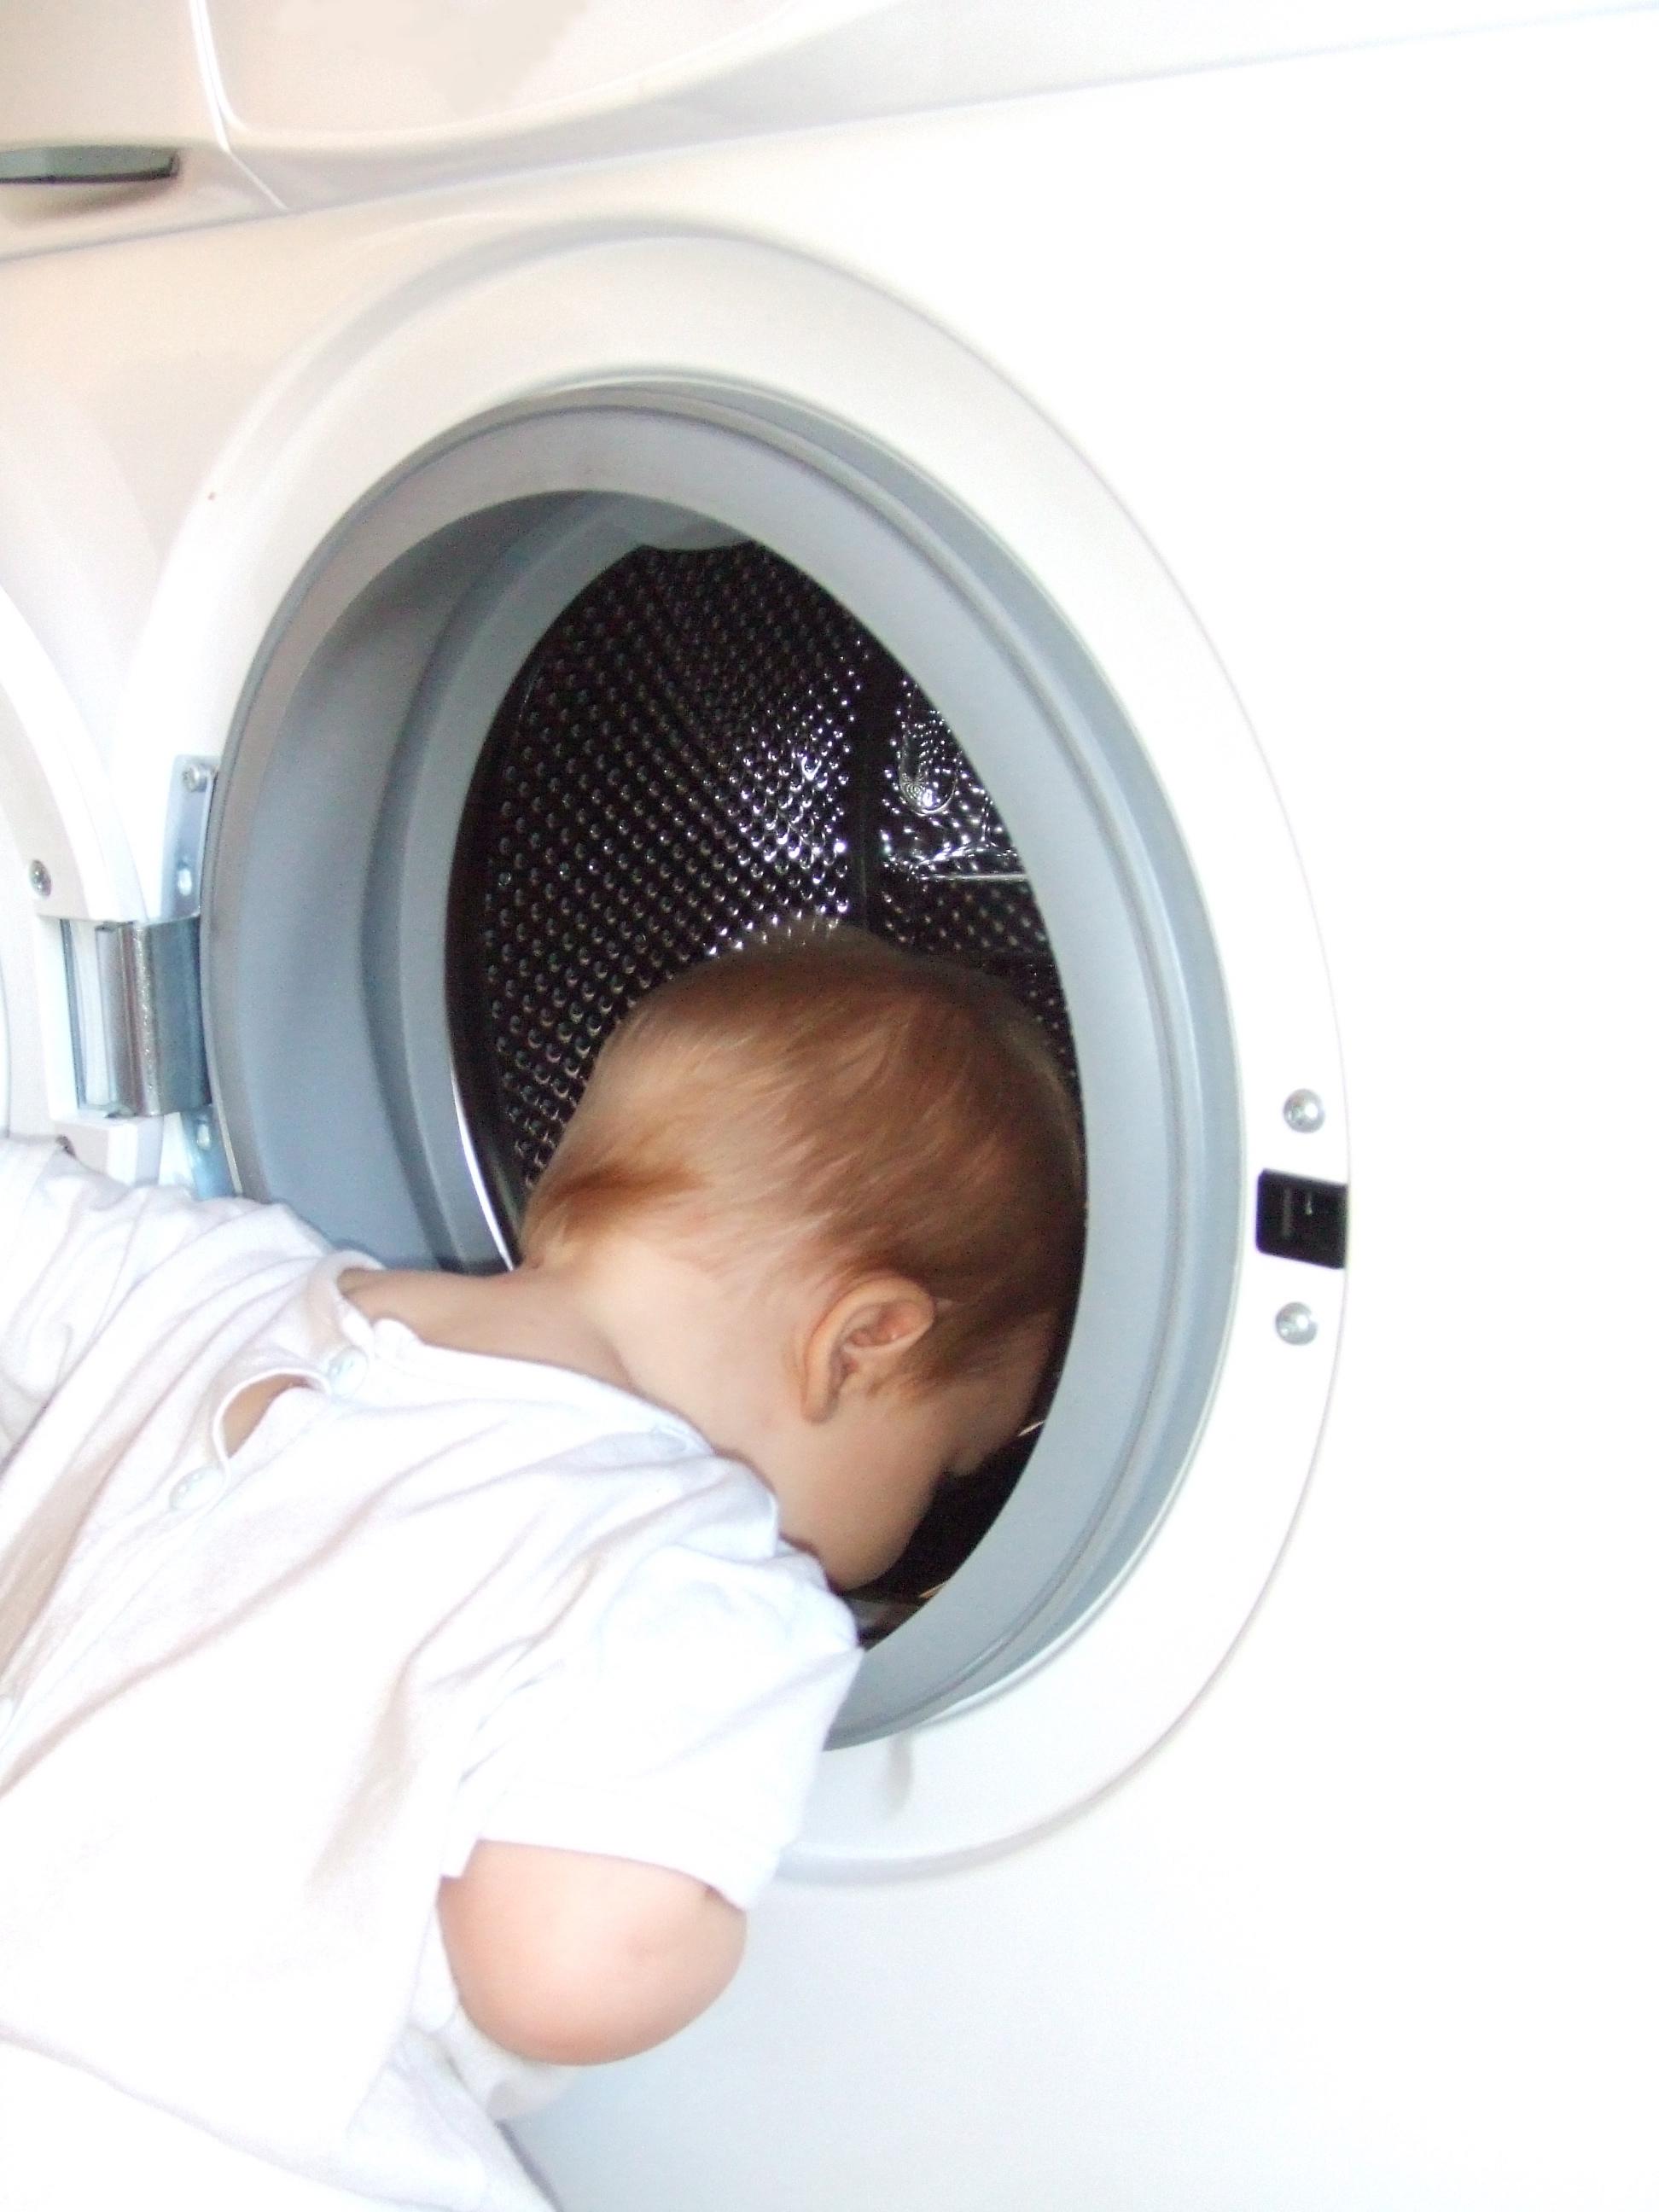 Ammorbidente meglio l 39 acido citrico per i bambini e per l 39 ambiente una mamma green - Bombe da bagno senza acido citrico ...